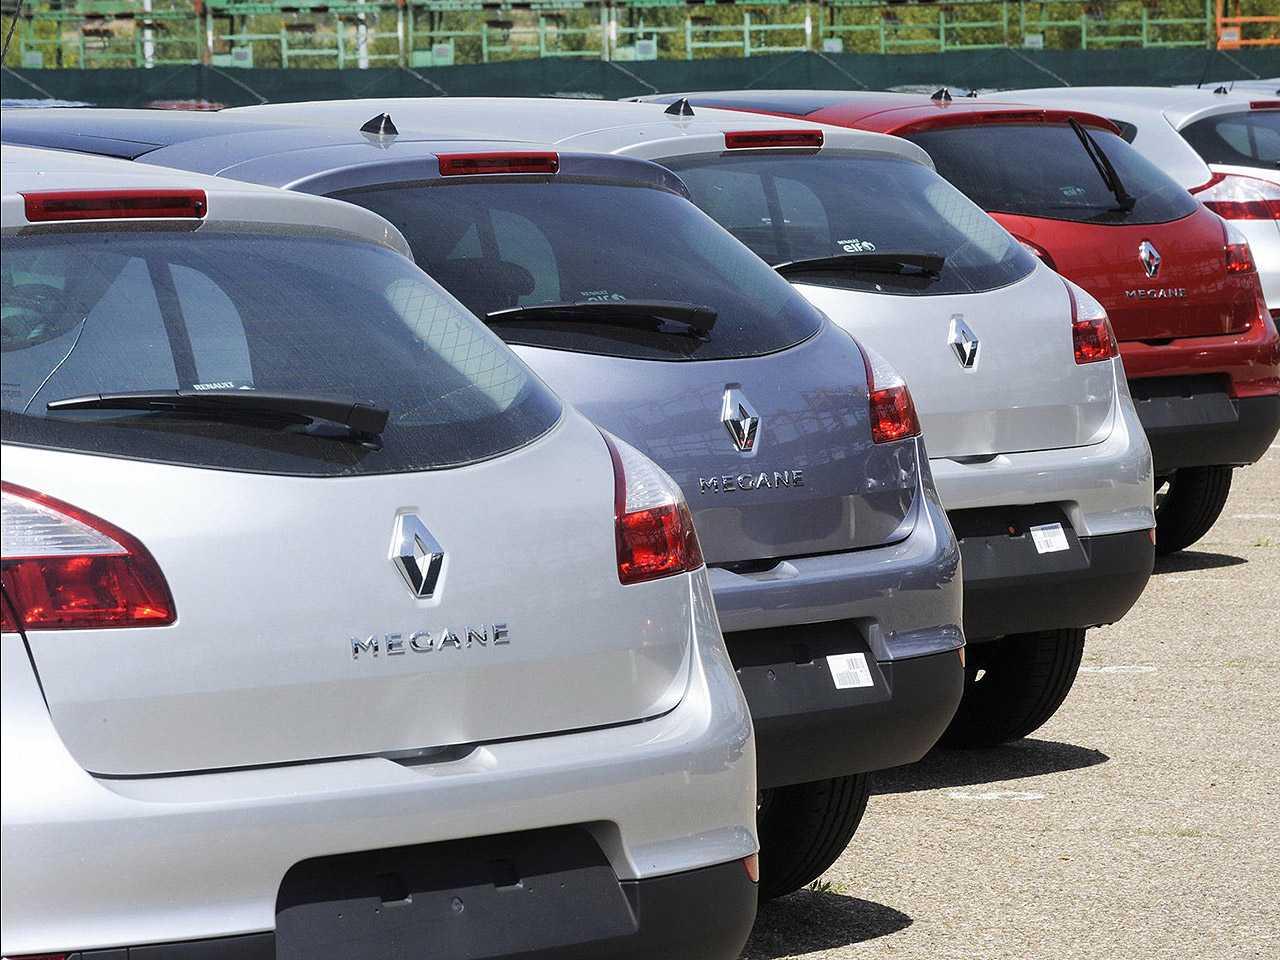 Acima o Renault Mégane 2009: modelo que pode figurar nas investigações das autoridades francesas